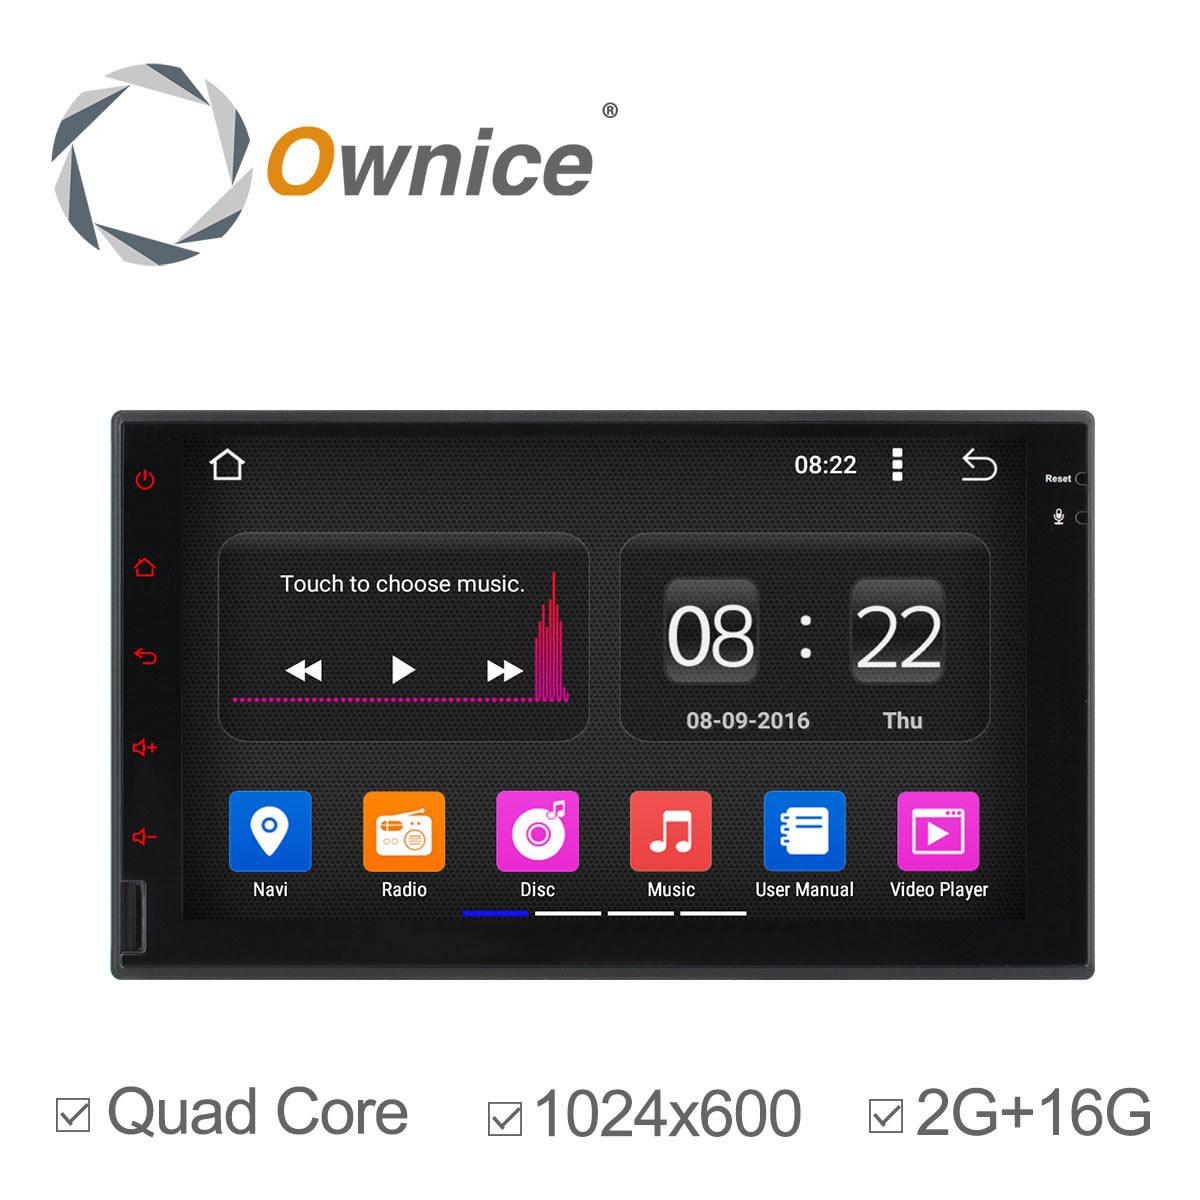 imágenes para Ownice C180 2 din Android 5.1 de Cuatro Núcleos de Radio de Coche Universal DVD GPS Navi Bluetooth de la Ayuda 3G DVR Digital TV 2G/16G no dvd